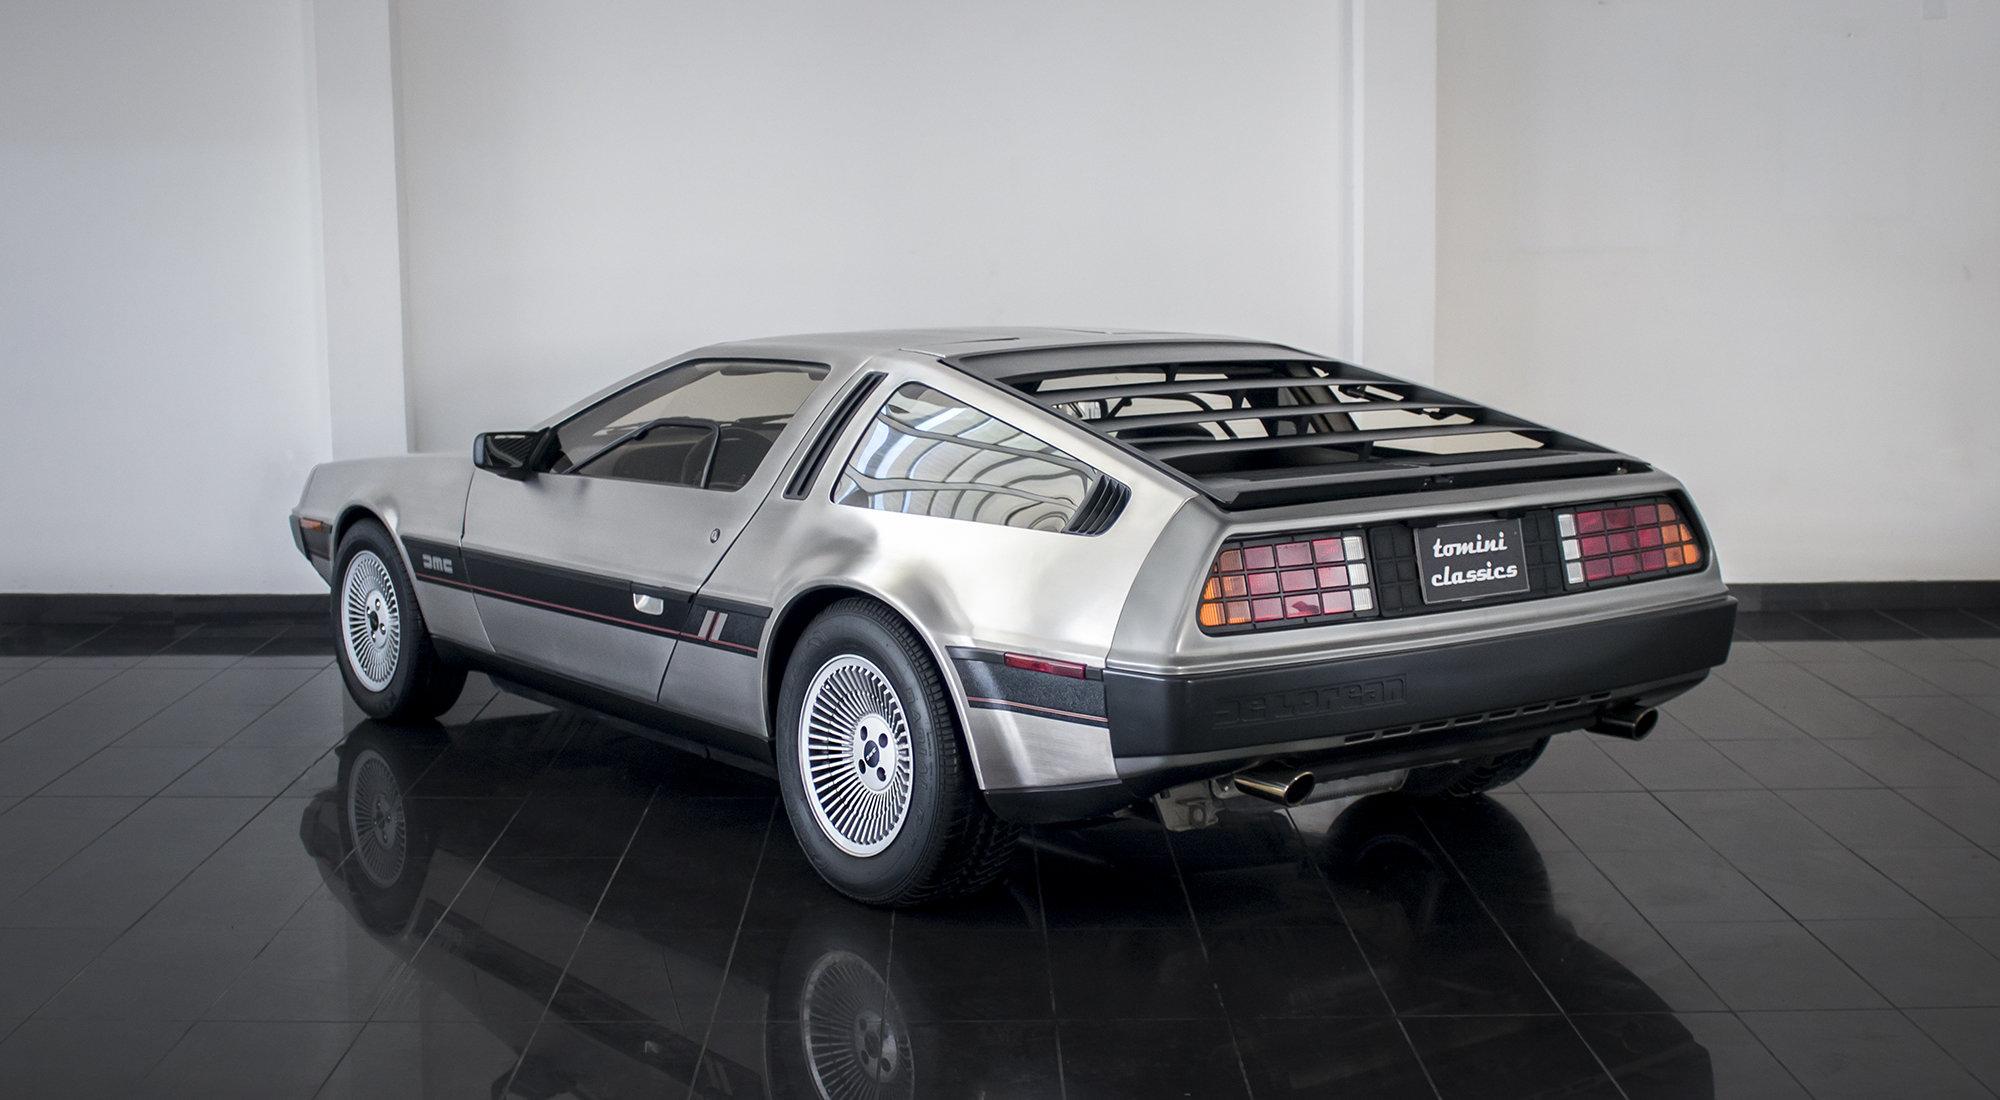 DeLorean DMC-12 (1981) For Sale (picture 3 of 6)